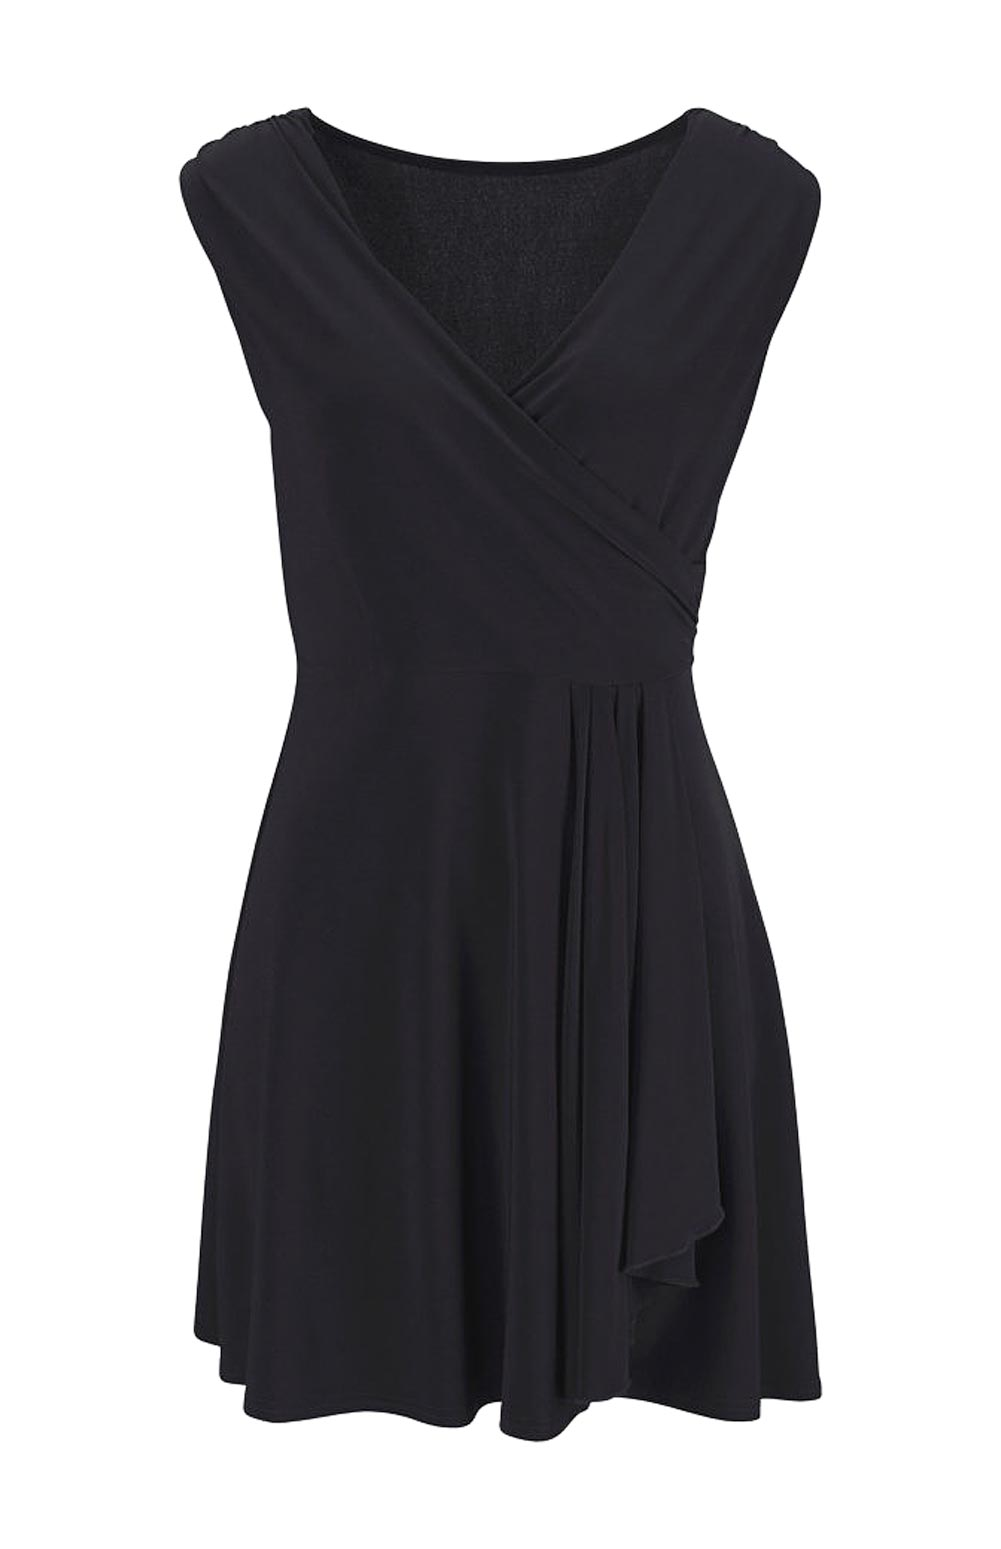 Dámské šaty letní černé (Melrose)